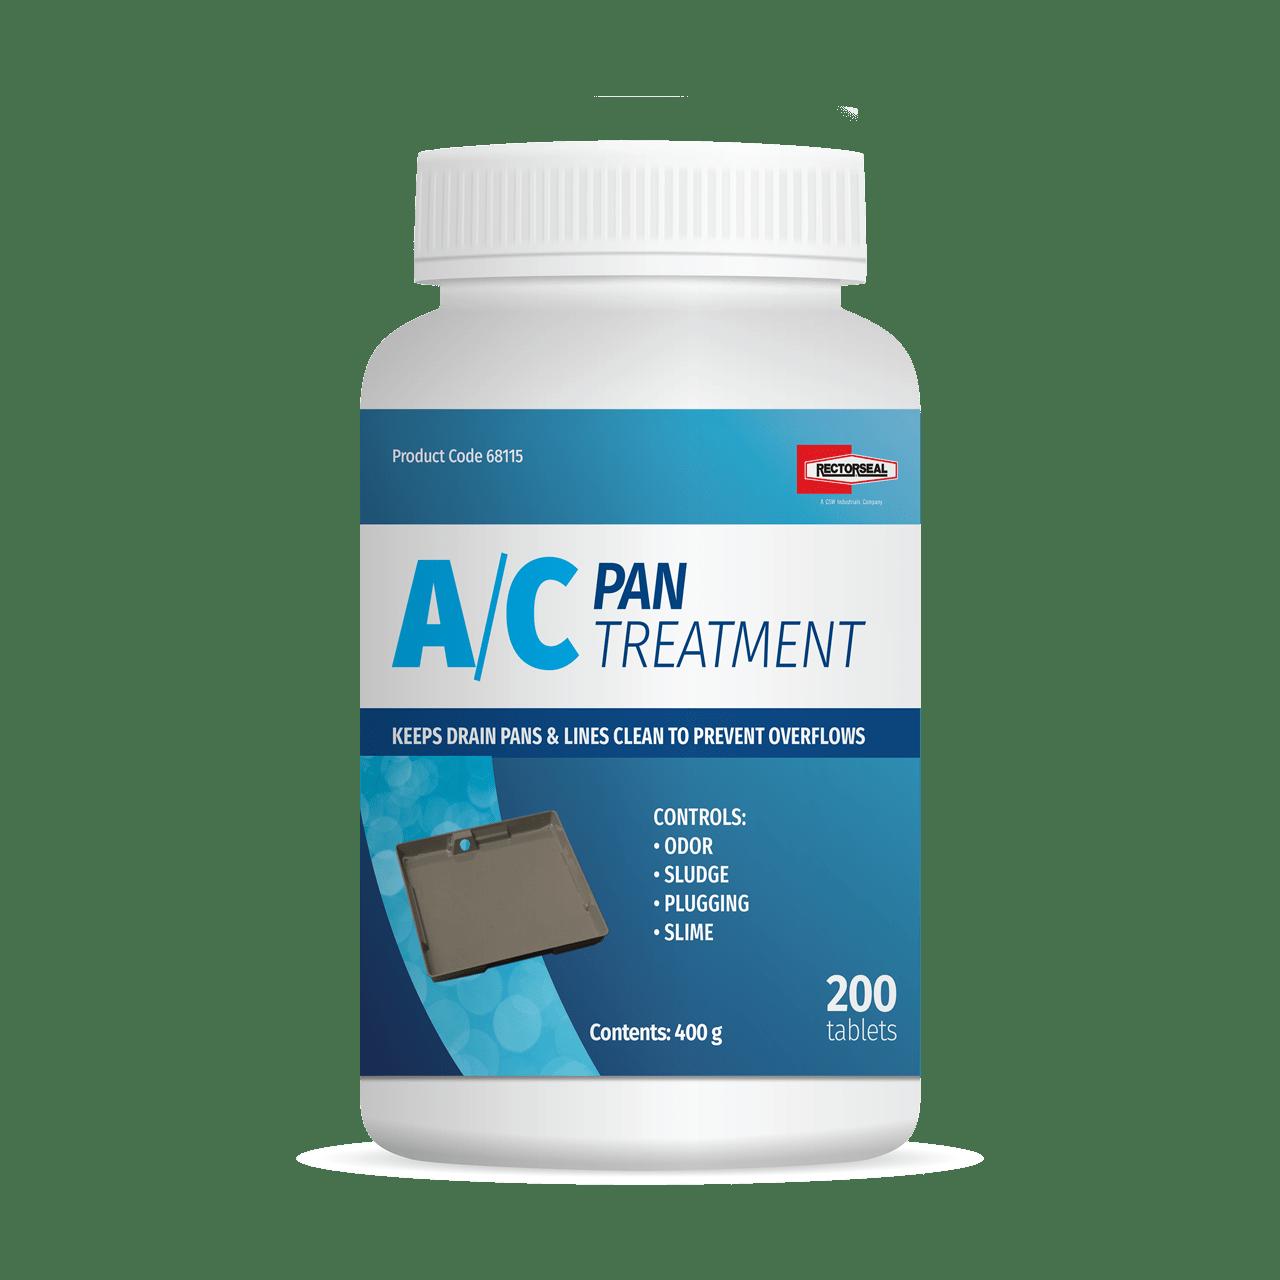 RectorSeal AC Pan Treatment